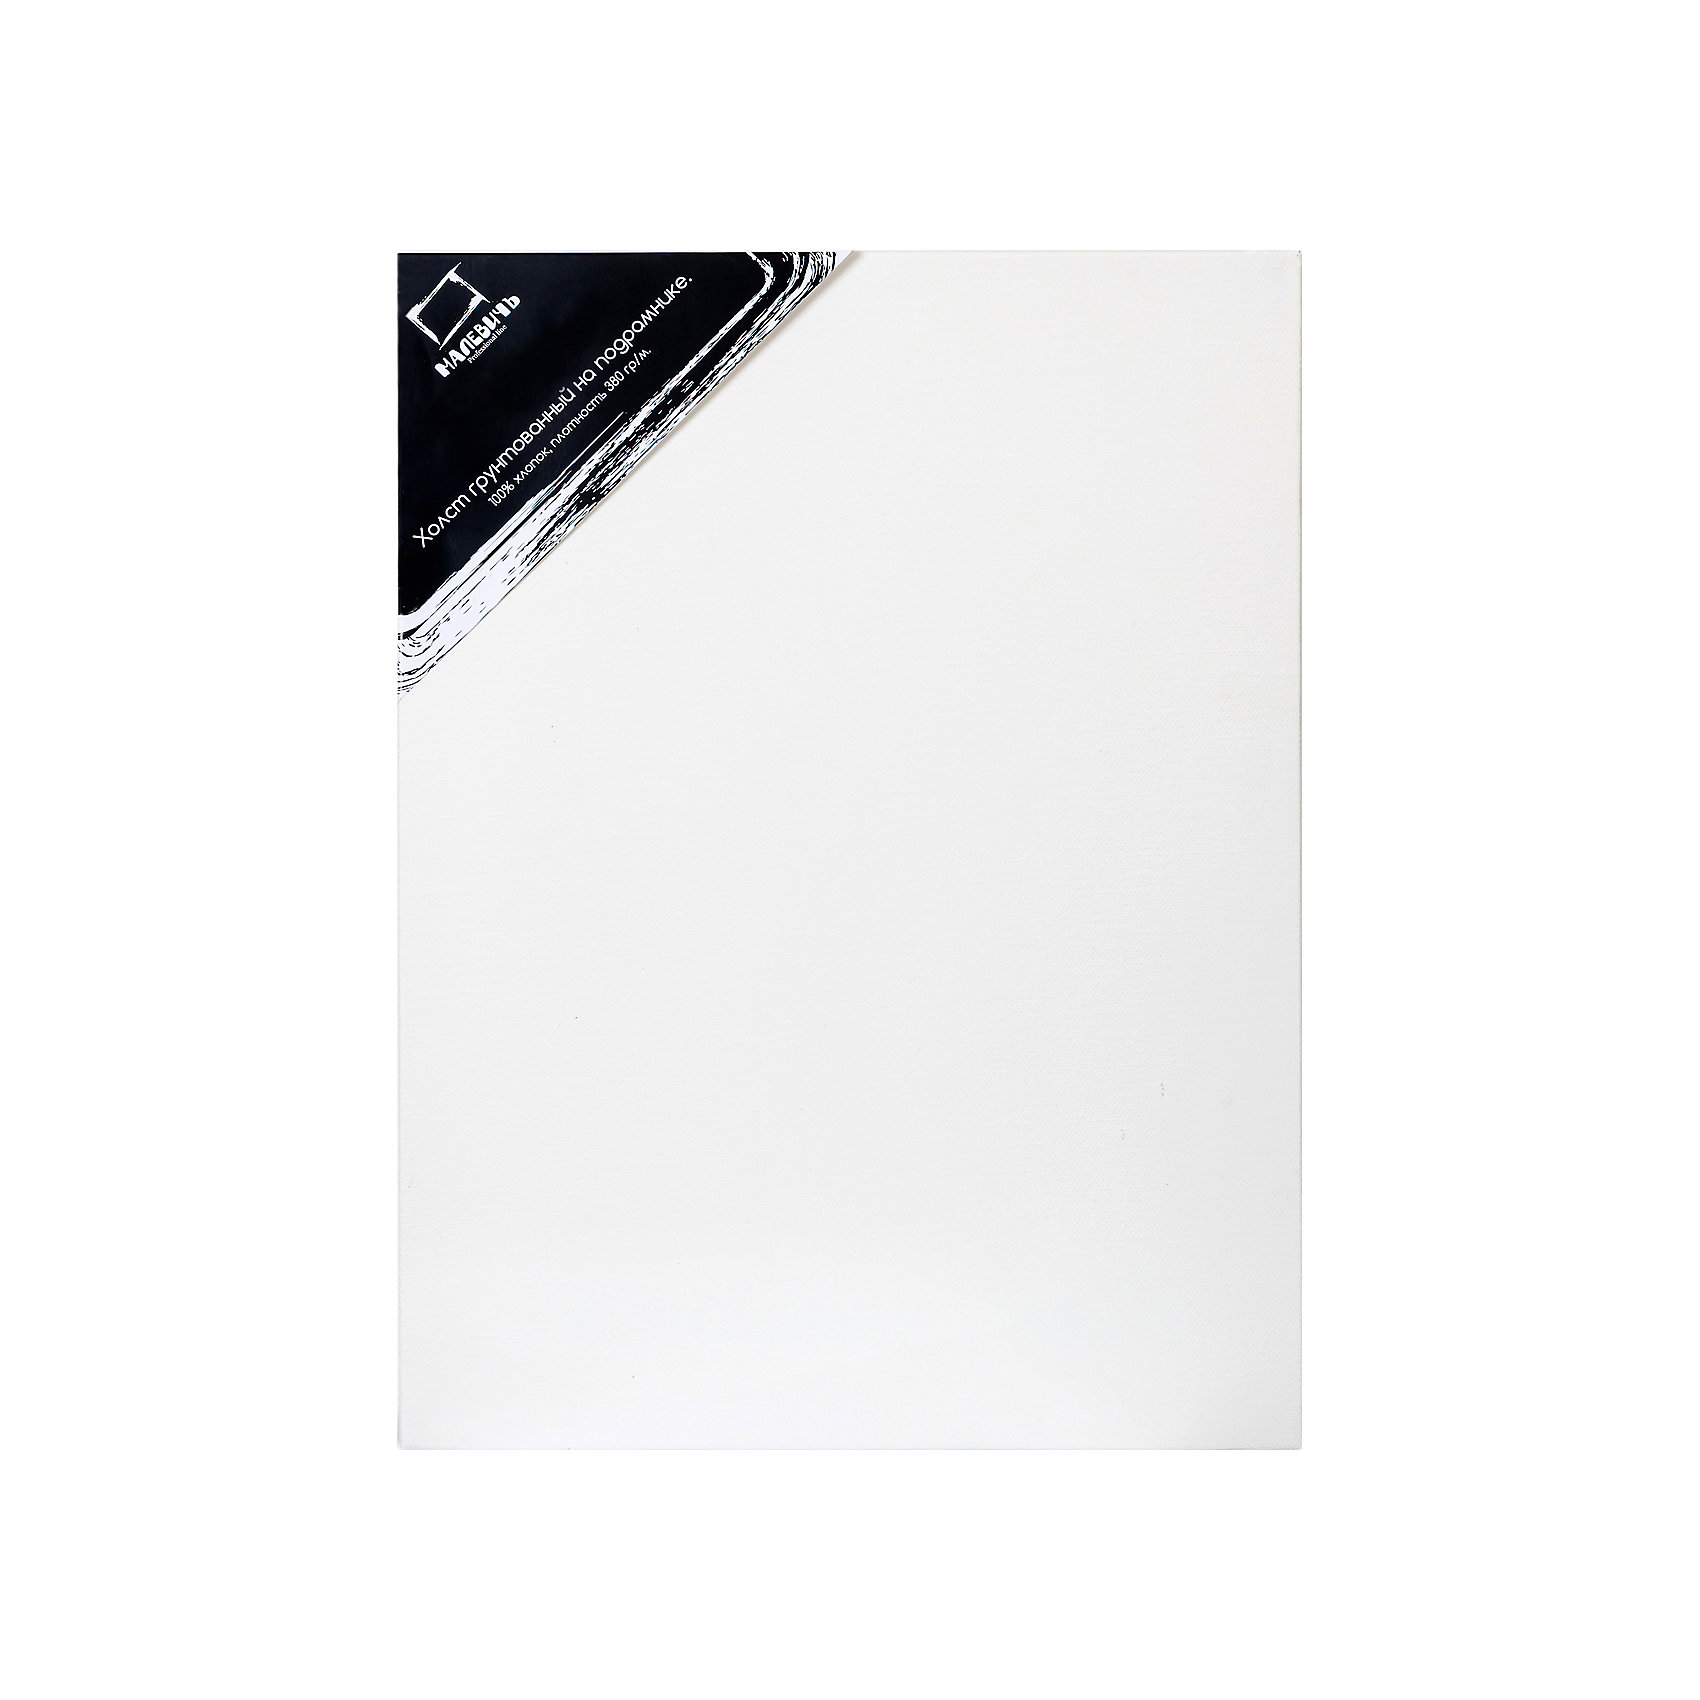 Холст на подрамнике Малевичъ, хлопок 380 гр, 20x30 смХолсты<br>Полностью готовые к работе холсты  для профессиональной живописи. Представляют собой грунтованное среднезернистое полотно из 100% хлопка плотностью 380 г/кв. м, натянутое на деревянный подрамник. В комплект входят клинья, позволяющие регулировать степень натяжения полотна. Гладкая поверхность хлопкового полотна удобна для предварительных набросков, а повышенная плотность холста позволяет использовать его для картин большого формата. Все холсты Малевич изготавливаются из 100% натуральных материалов и проходят тестирование профессиональными художниками.<br><br>Холсты на подрамниках Малевич:<br><br>•    изготовлены из плотного натурального полотна без узелков и неровностей<br>•    профессионально натянуты и загрунтованы<br>•    экономят время художника – сразу же можно приступать к работе<br>•    подходят для любого вида красок, кроме акварельных (для которых у нас есть Акварельные холсты)<br>•    гладкая поверхность удобна для карандашных набросков<br><br>Ширина мм: 200<br>Глубина мм: 300<br>Высота мм: 20<br>Вес г: 255<br>Возраст от месяцев: 84<br>Возраст до месяцев: 2147483647<br>Пол: Унисекс<br>Возраст: Детский<br>SKU: 6757431